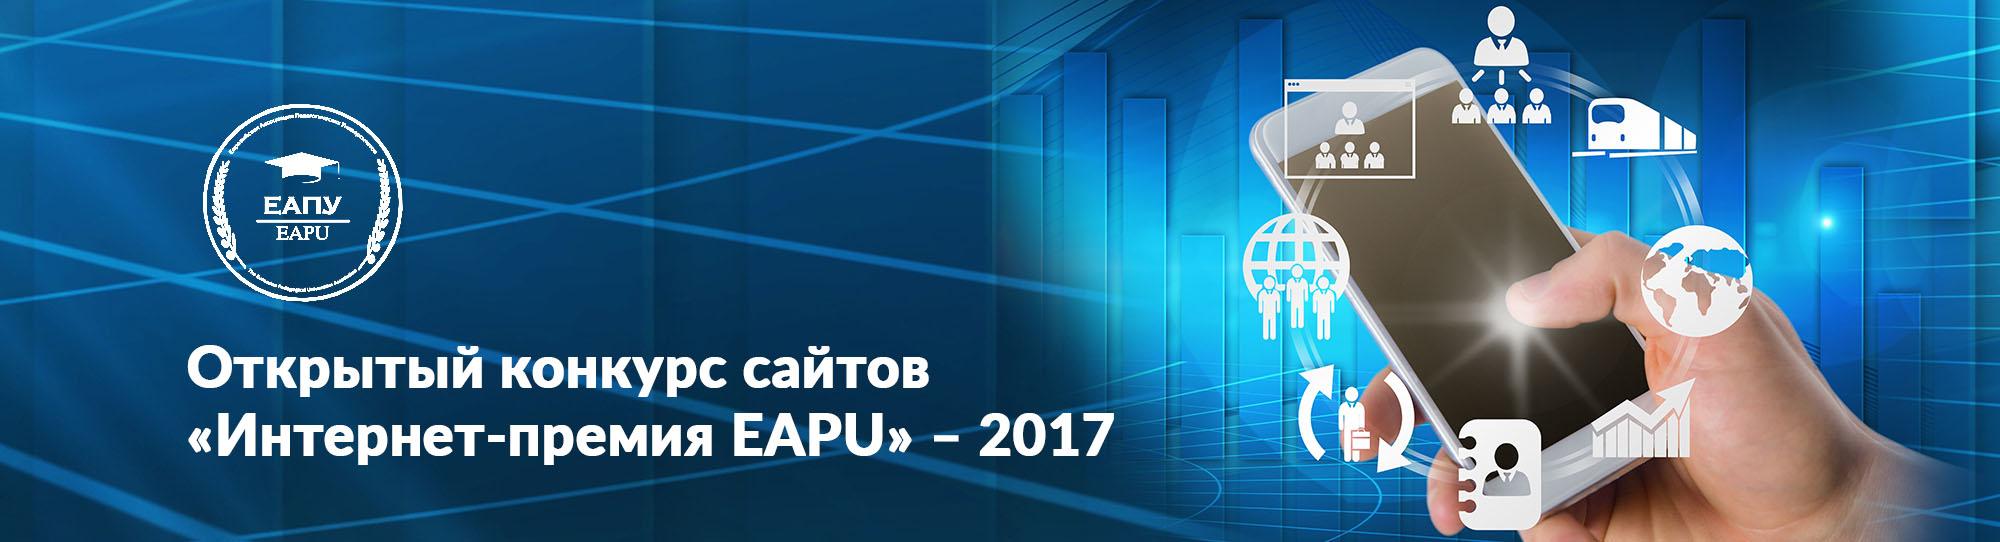 Интернет-премия EAPU